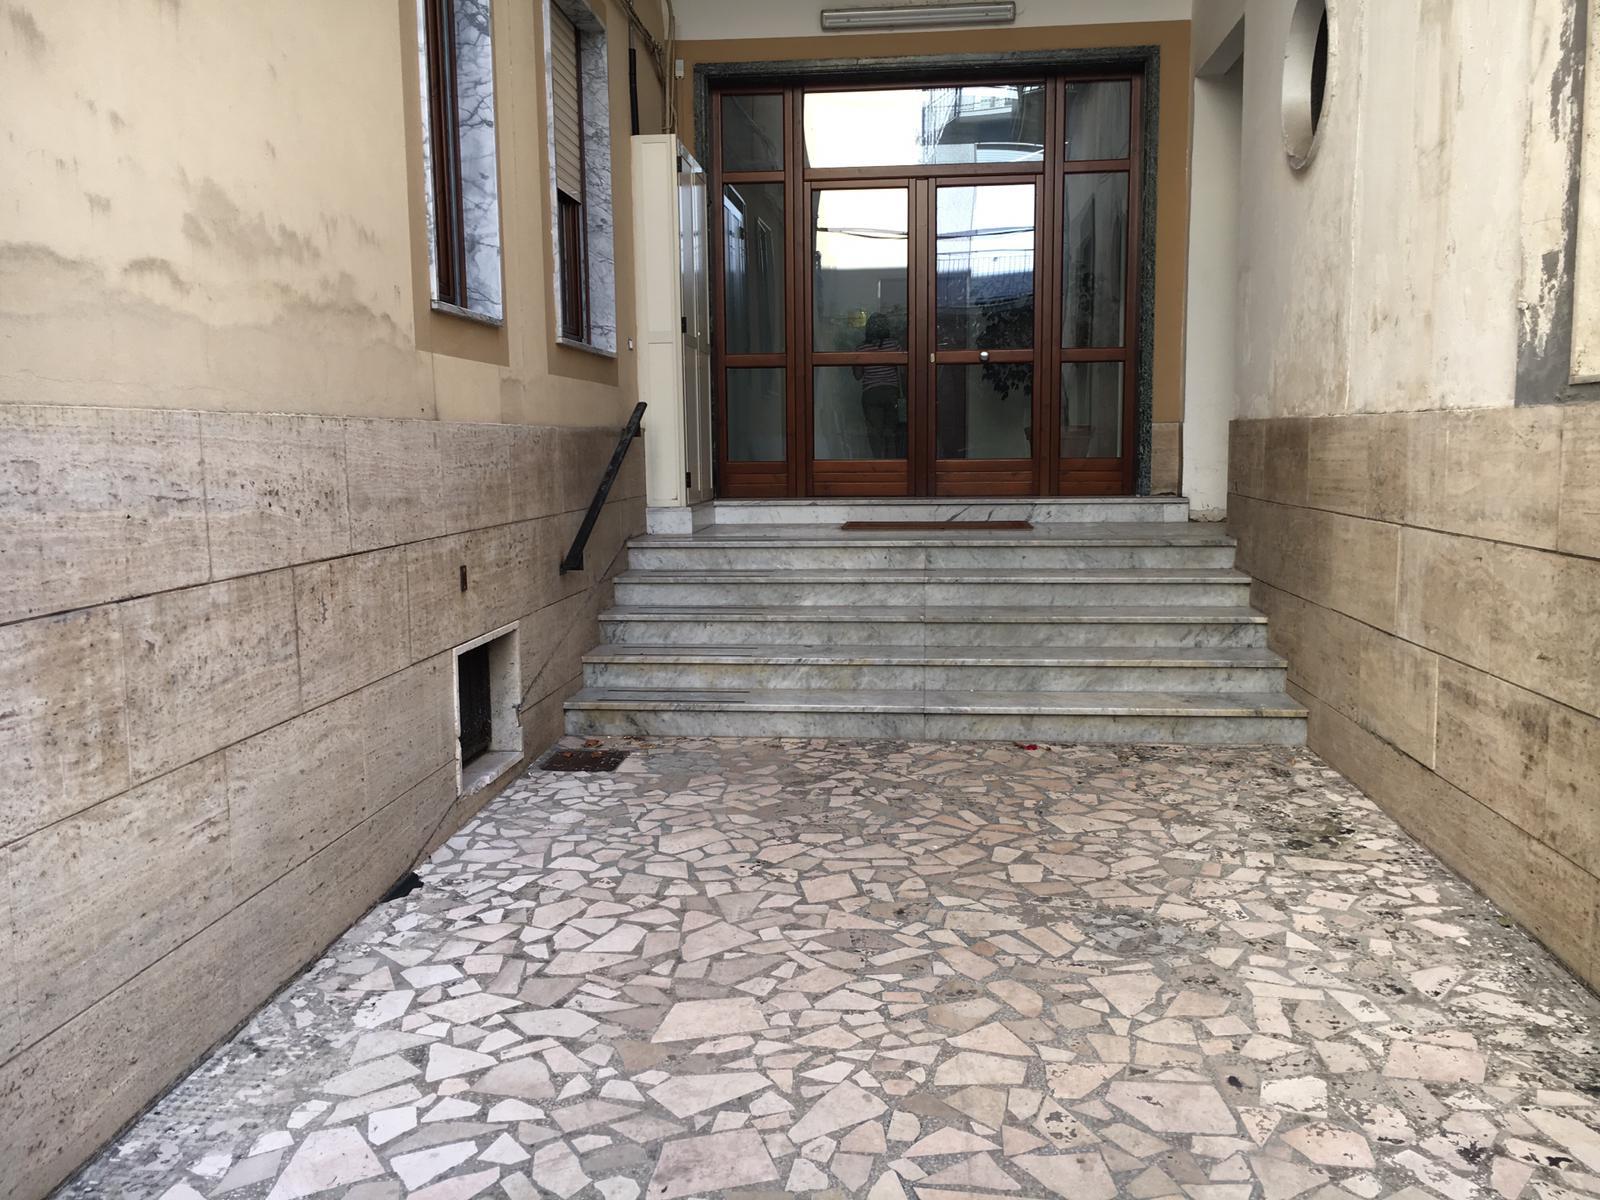 Appartamento in vendita a Ottaviano, 20 locali, Trattative riservate | CambioCasa.it